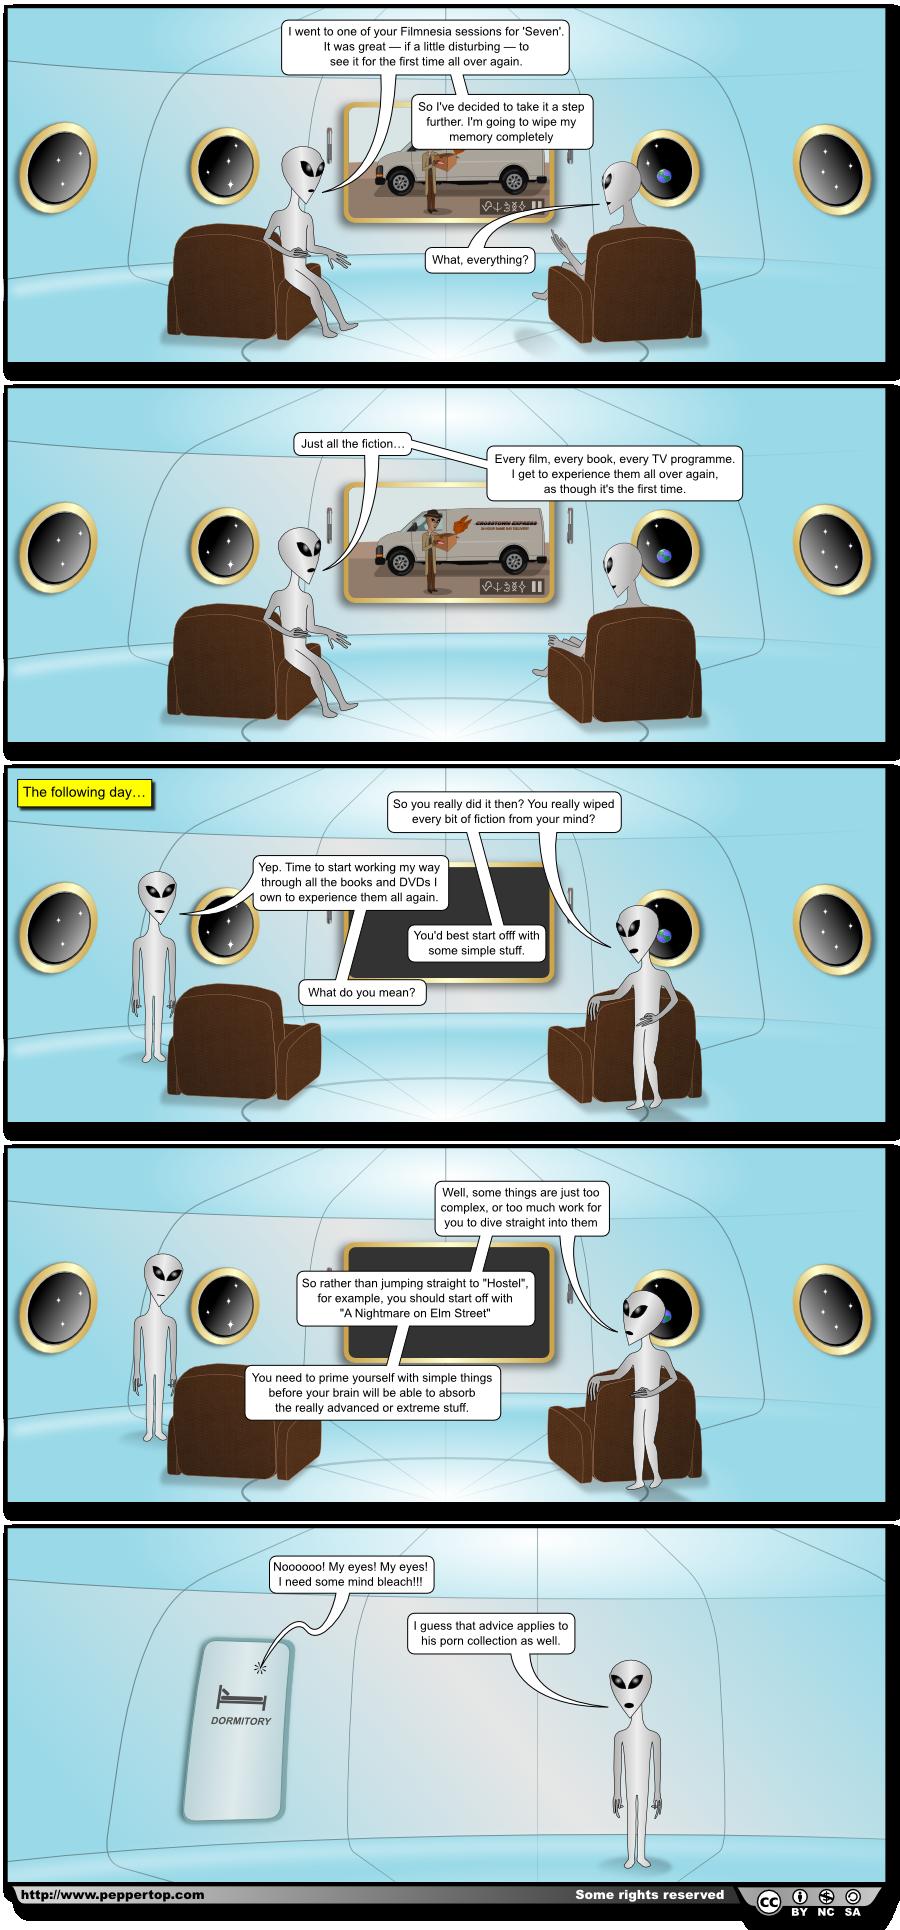 Filmnesia Part IV